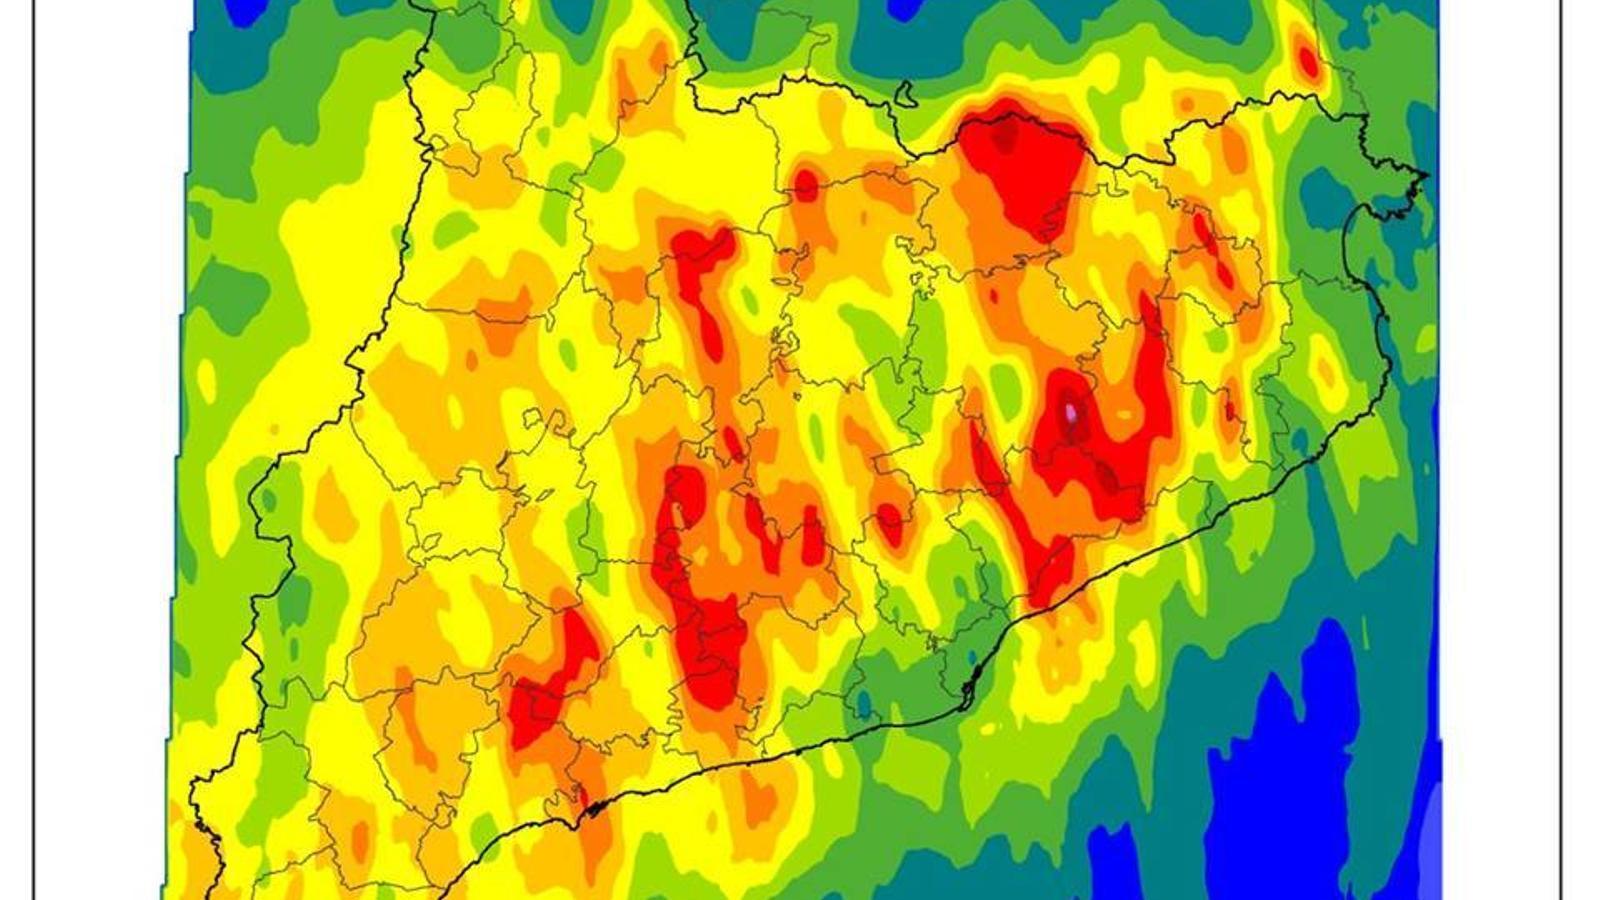 Perill de desbordament al tram baix del Llobregat